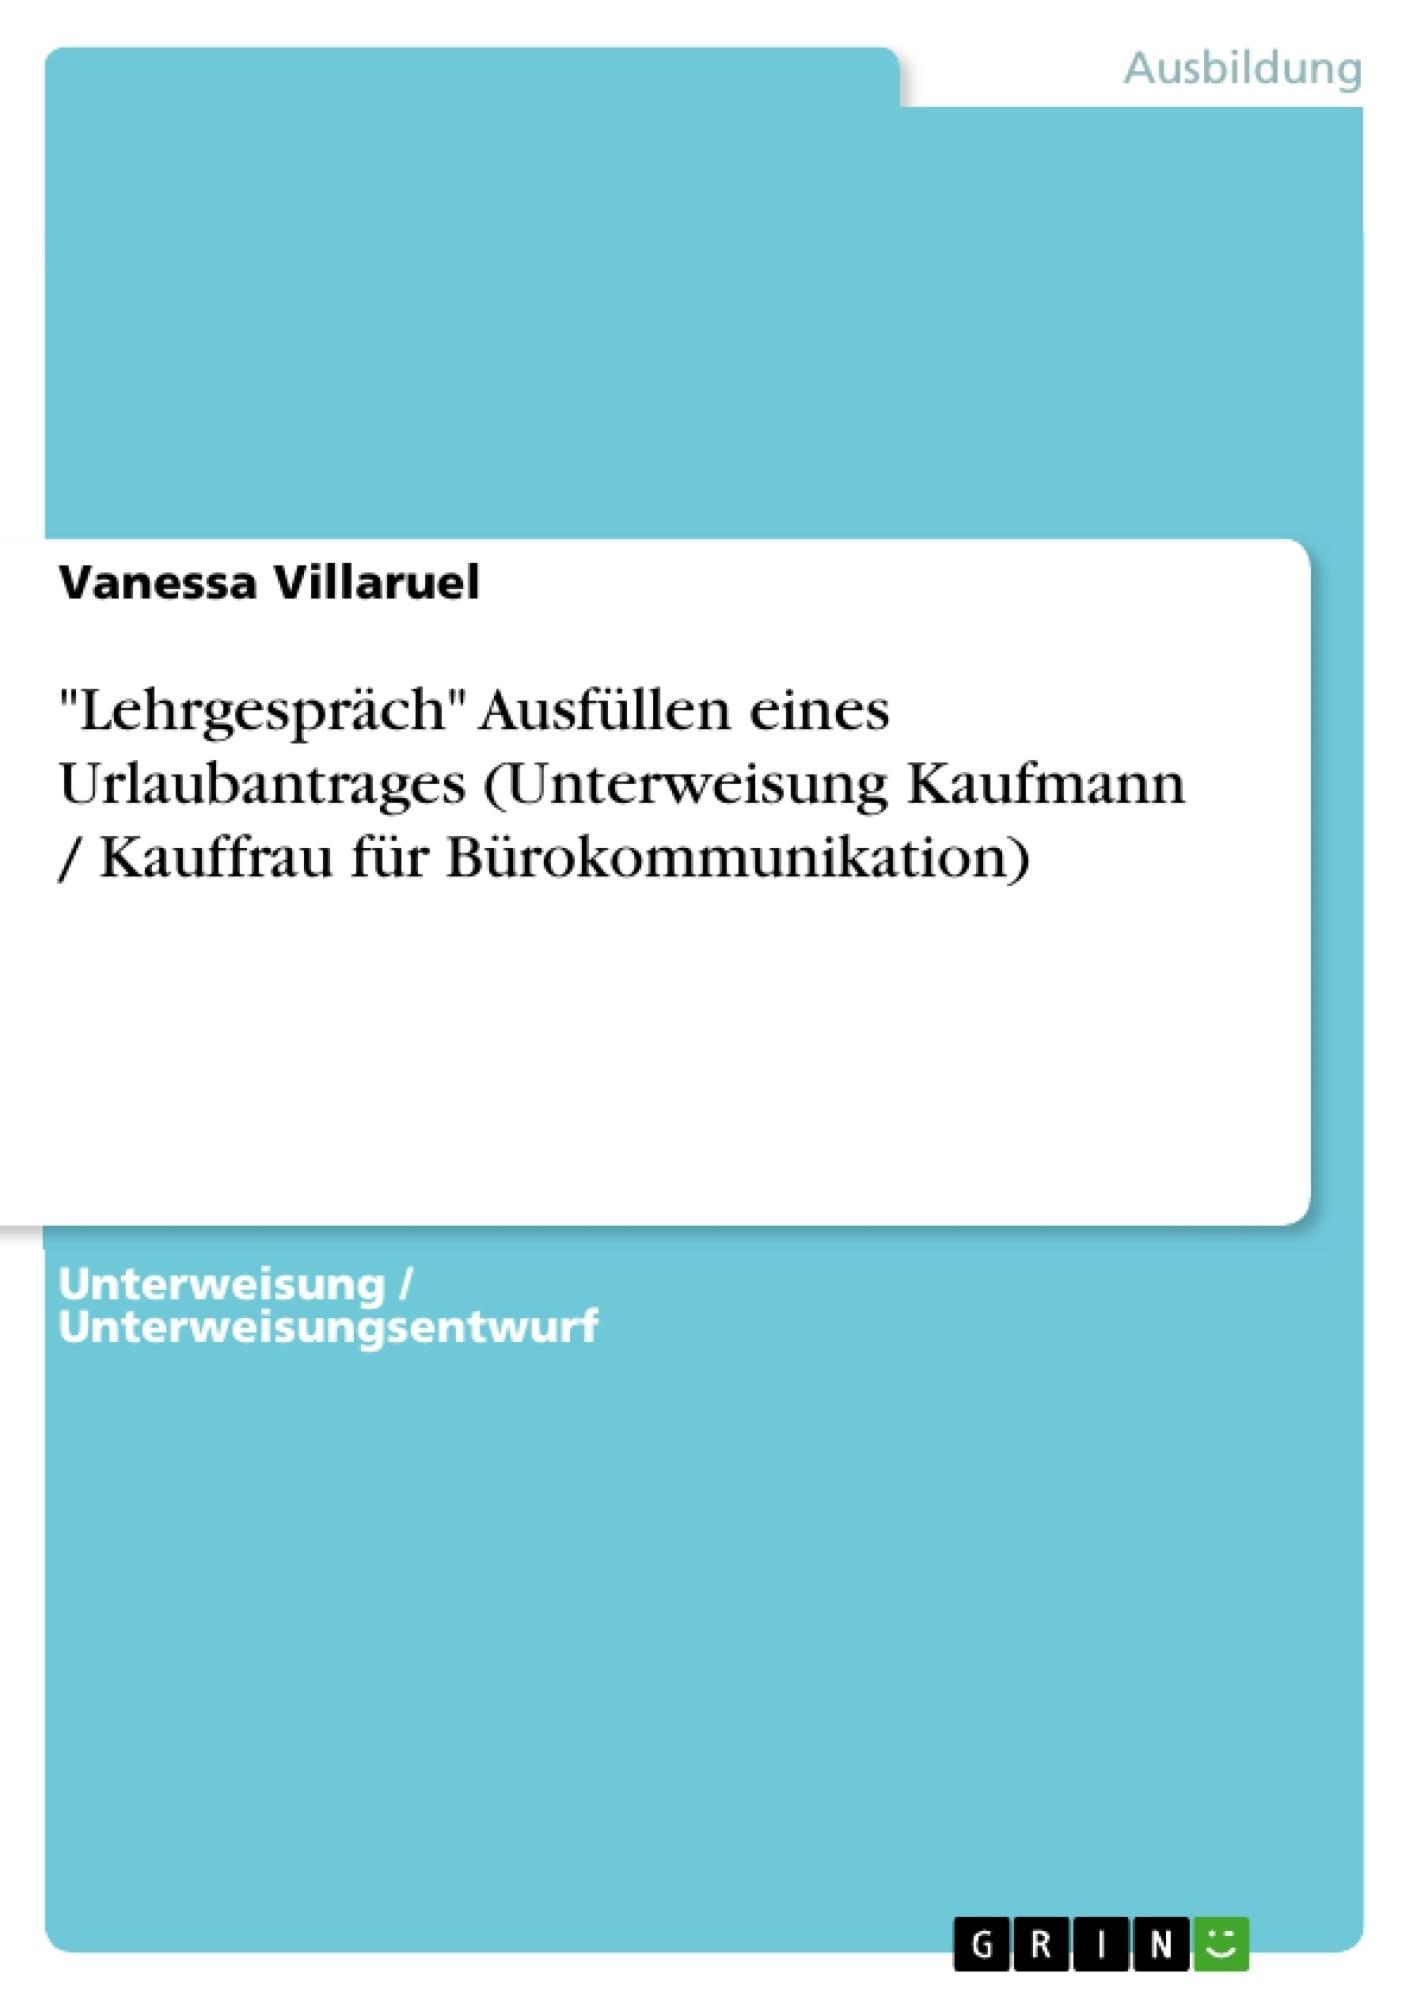 """Titel: """"Lehrgespräch"""" Ausfüllen eines Urlaubantrages (Unterweisung Kaufmann / Kauffrau für Bürokommunikation)"""